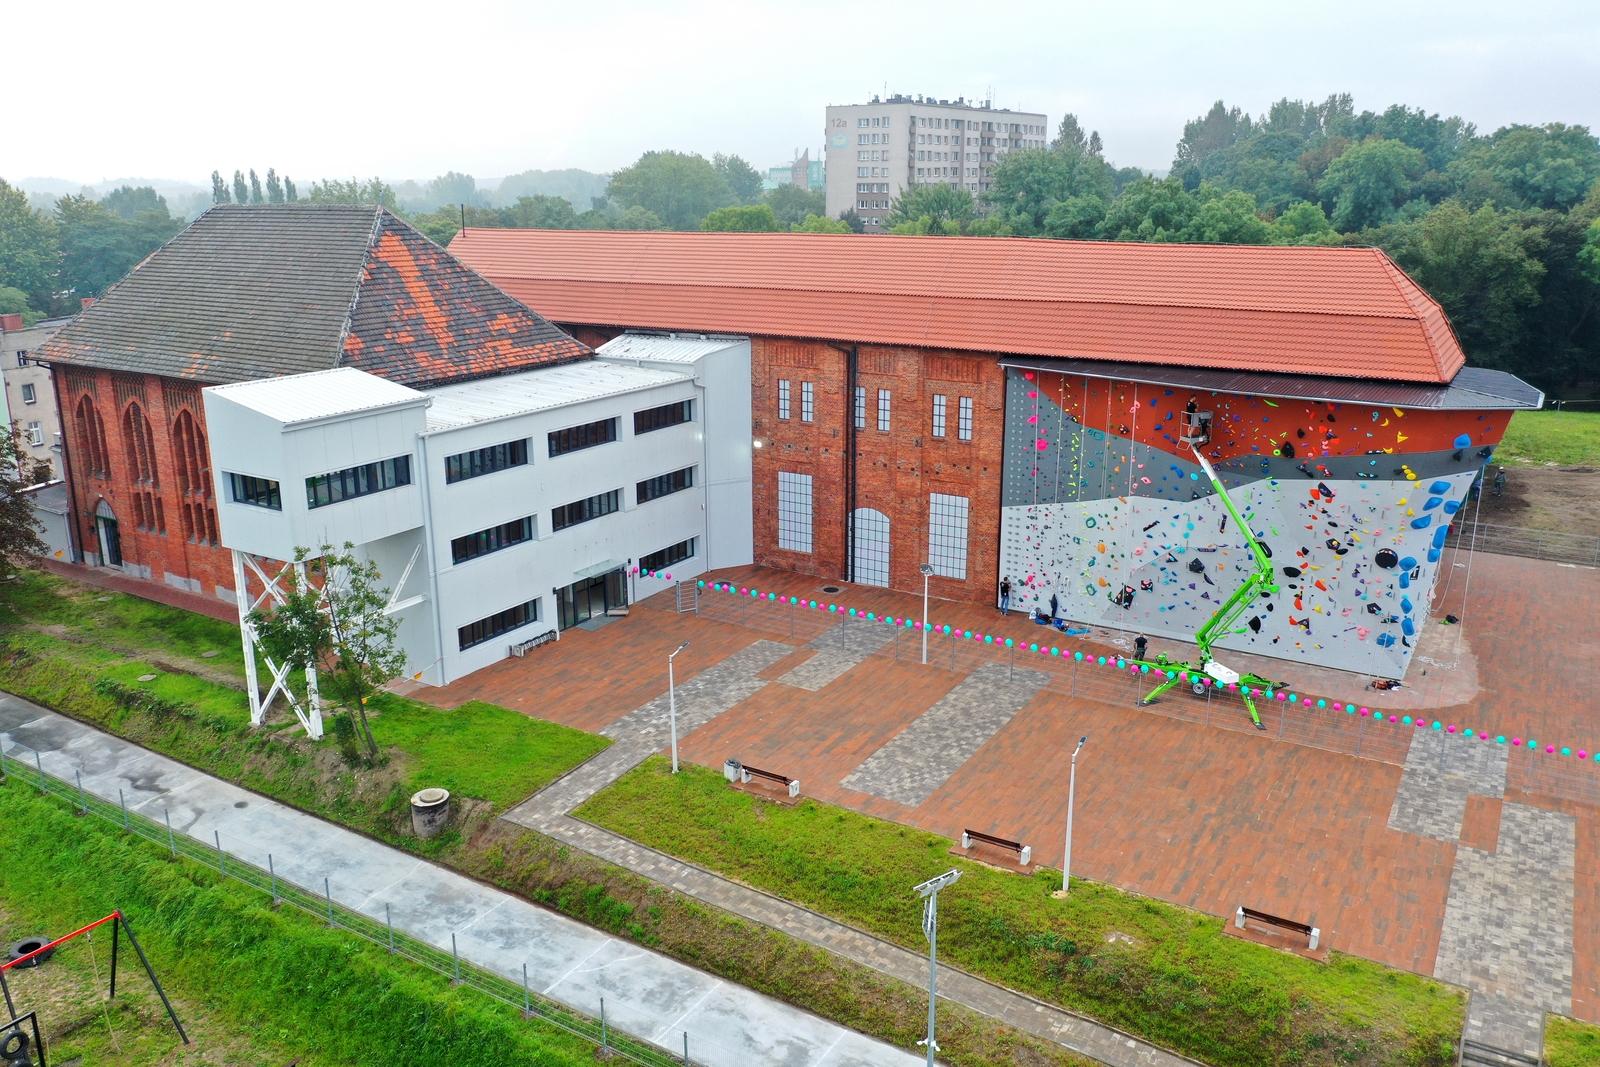 Rozgrzewka przed wielkim otwarciem - Centrum Sportów Wspinaczkowych i Siłowych w Bytomiu udostępnia strefę zewnętrzną